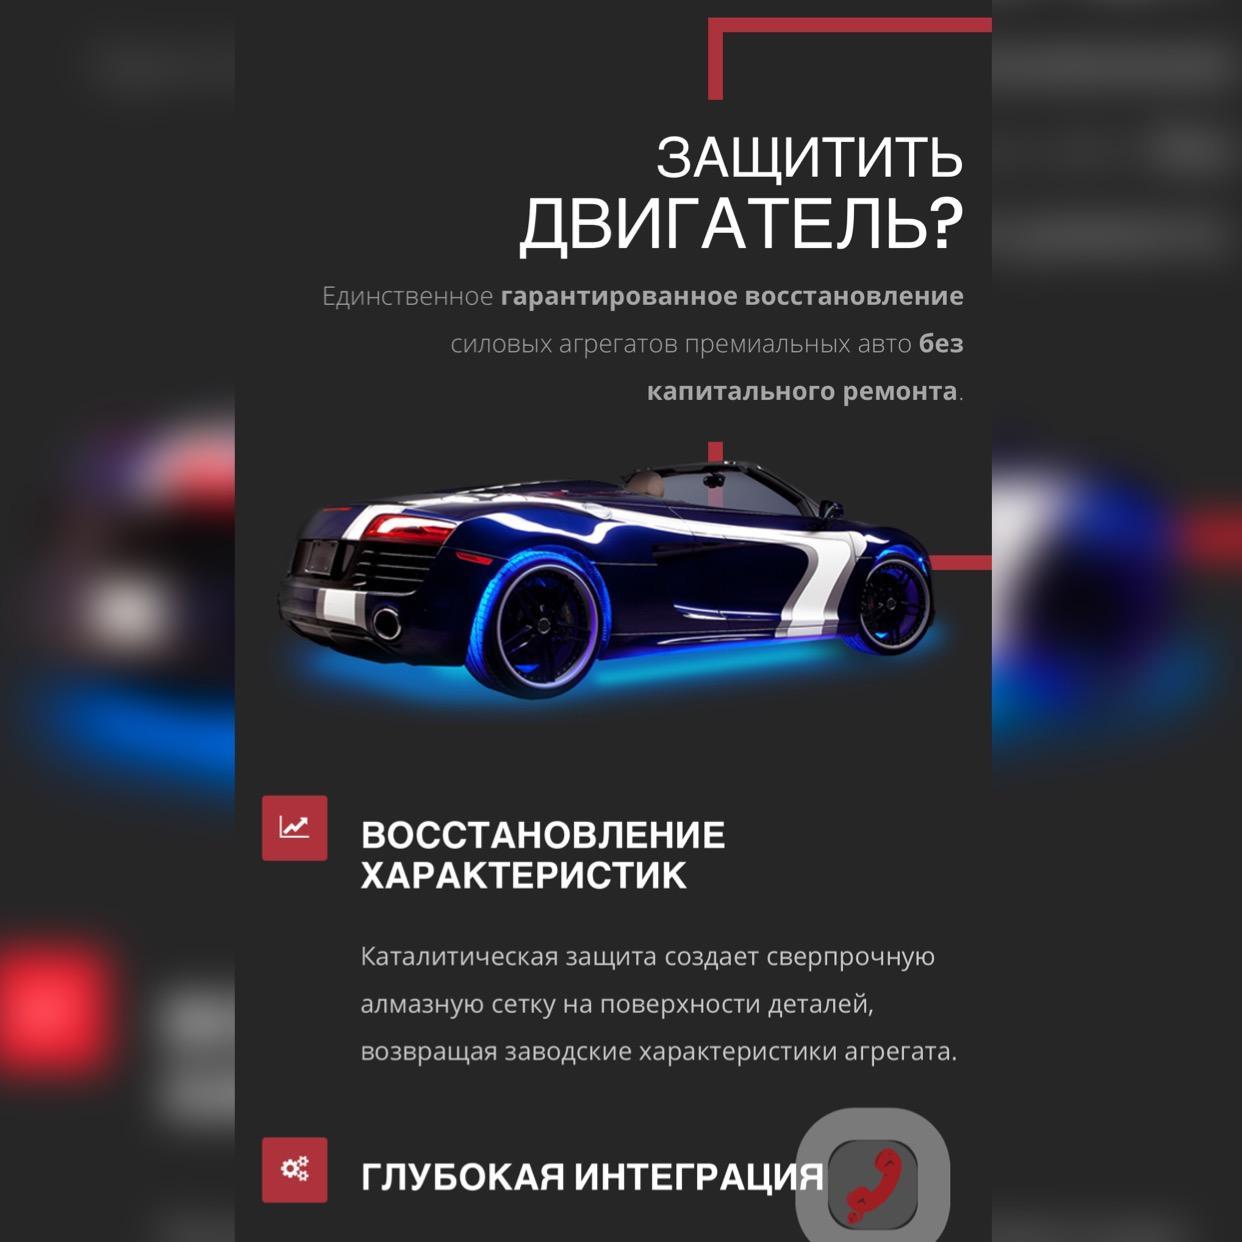 Zadirov.net. Лэндинг для каталитической защиты силовых агрегатов